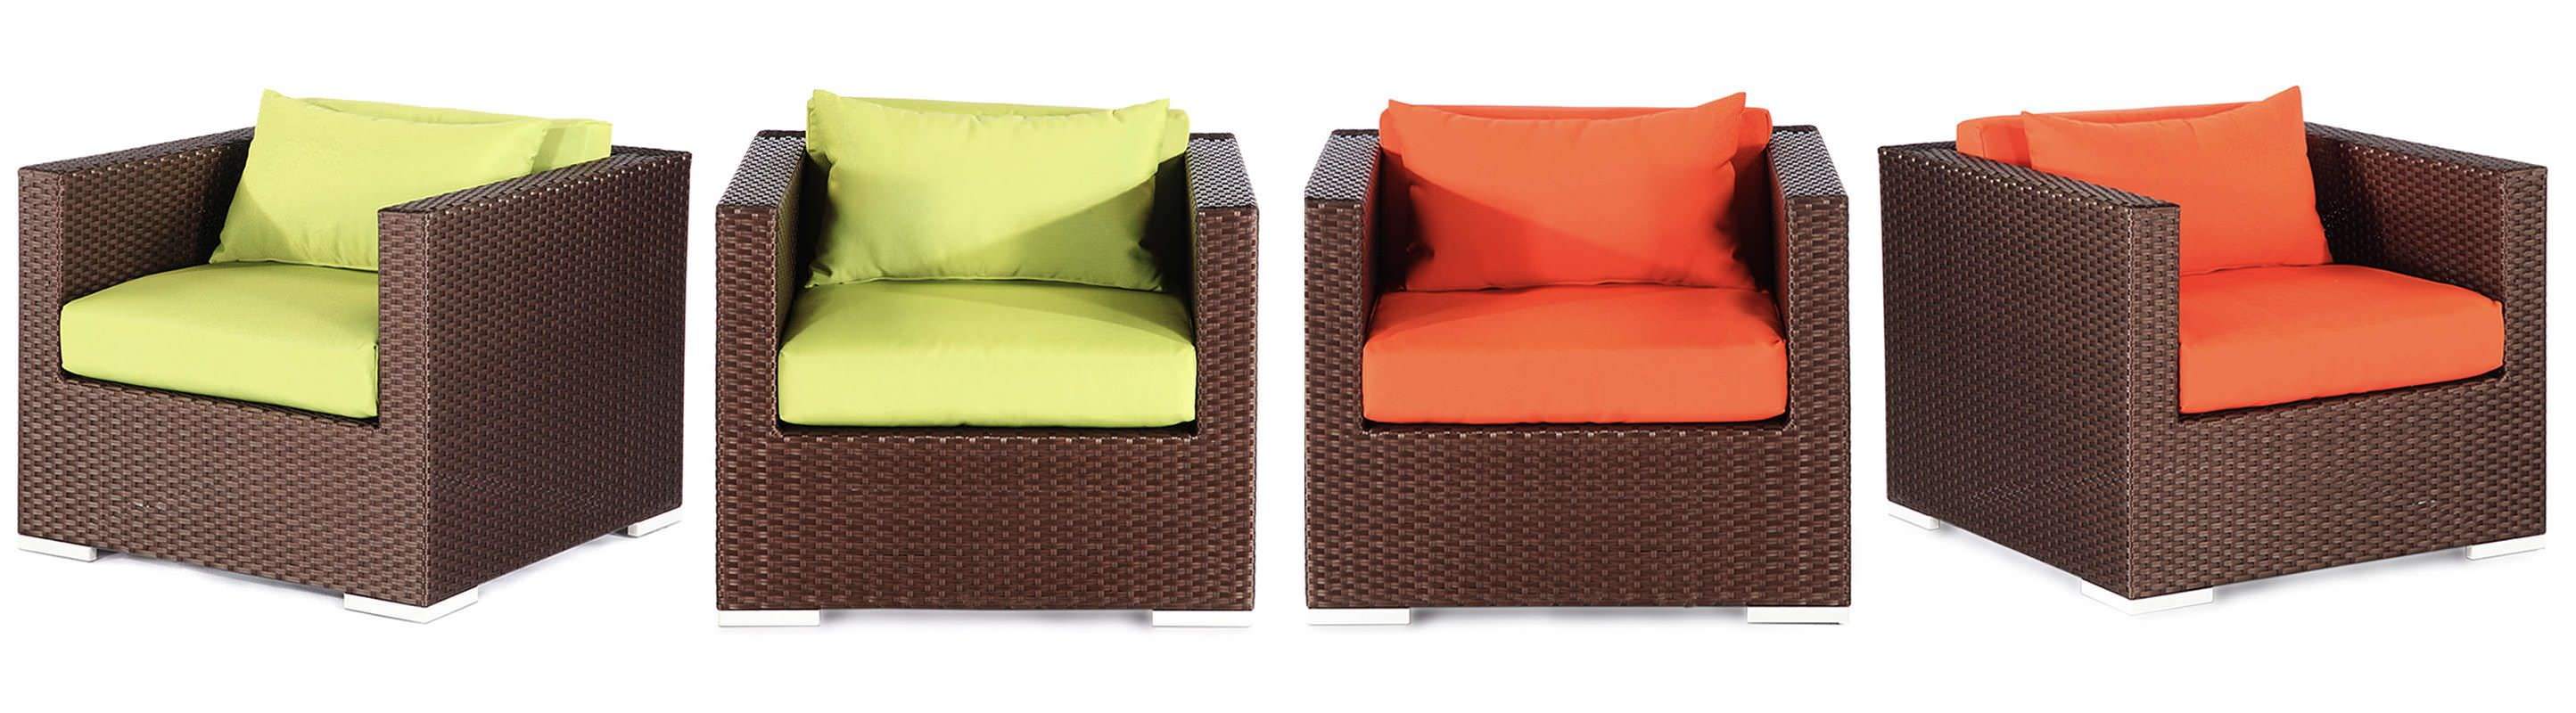 aloha hilo armchairs Modern Sofa